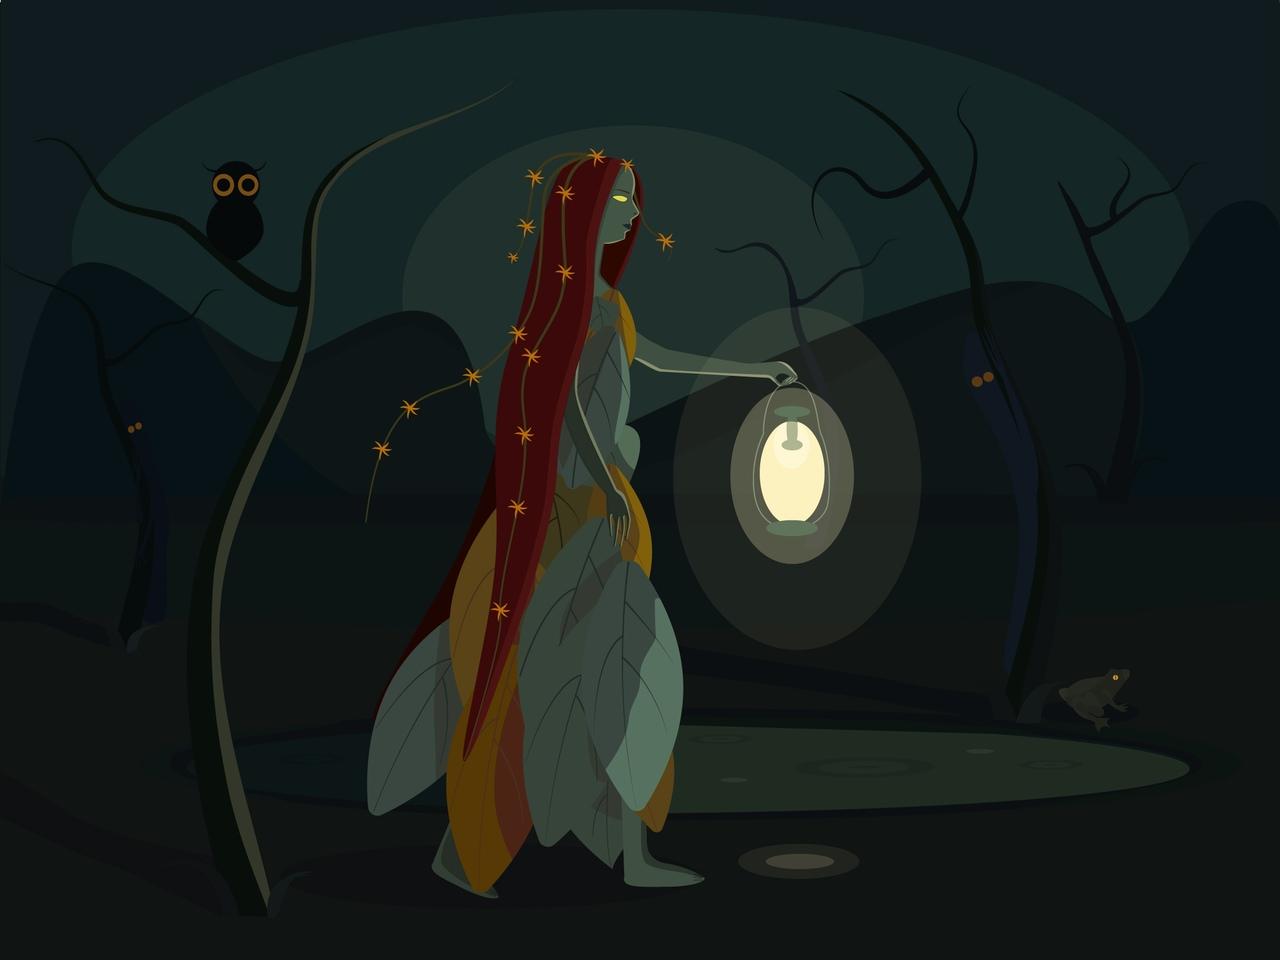 Иллюстрация: Чудеса на болотах